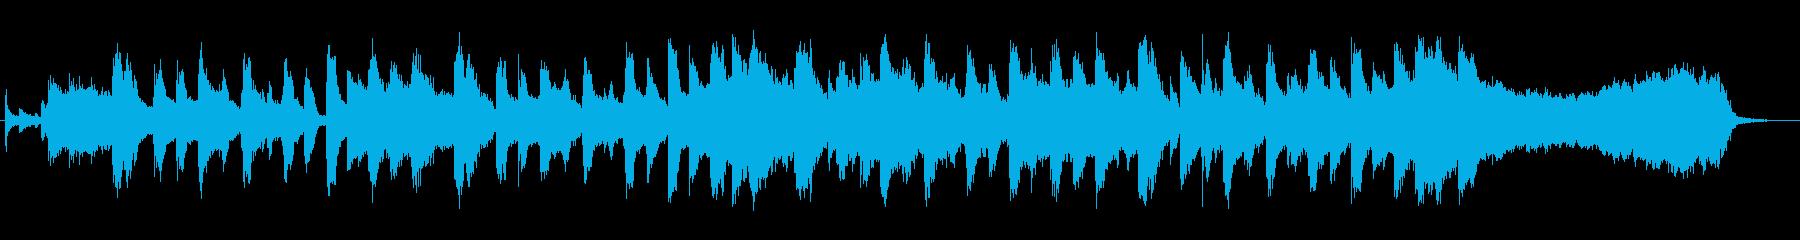 可愛らしいホーンとオルガンのマーチの再生済みの波形